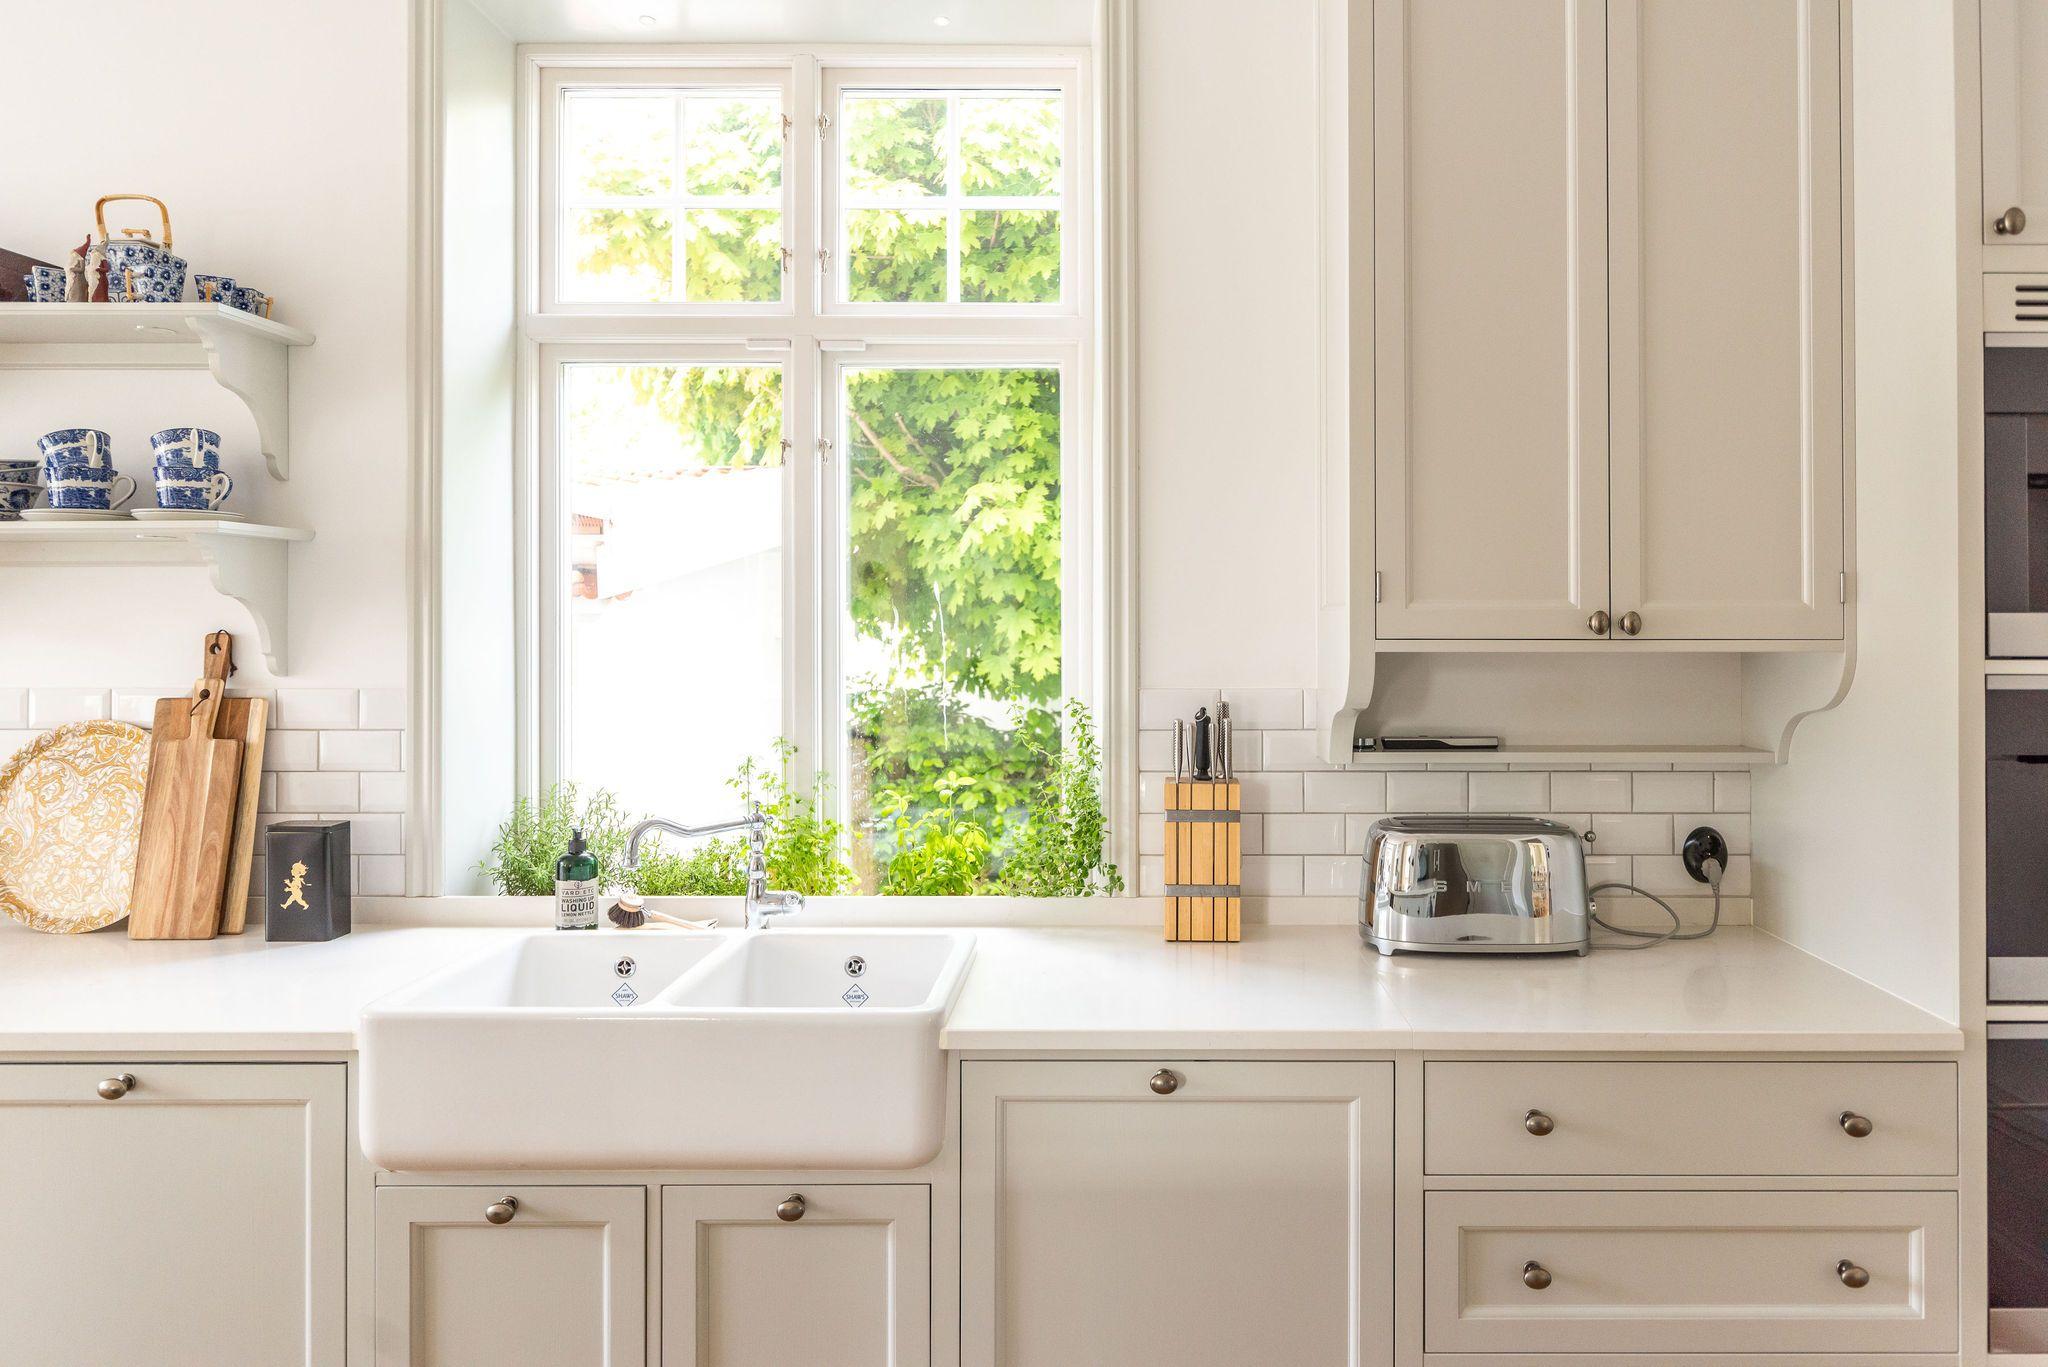 Måttanpassade kök tillverkade i Sverige   Qvesarum